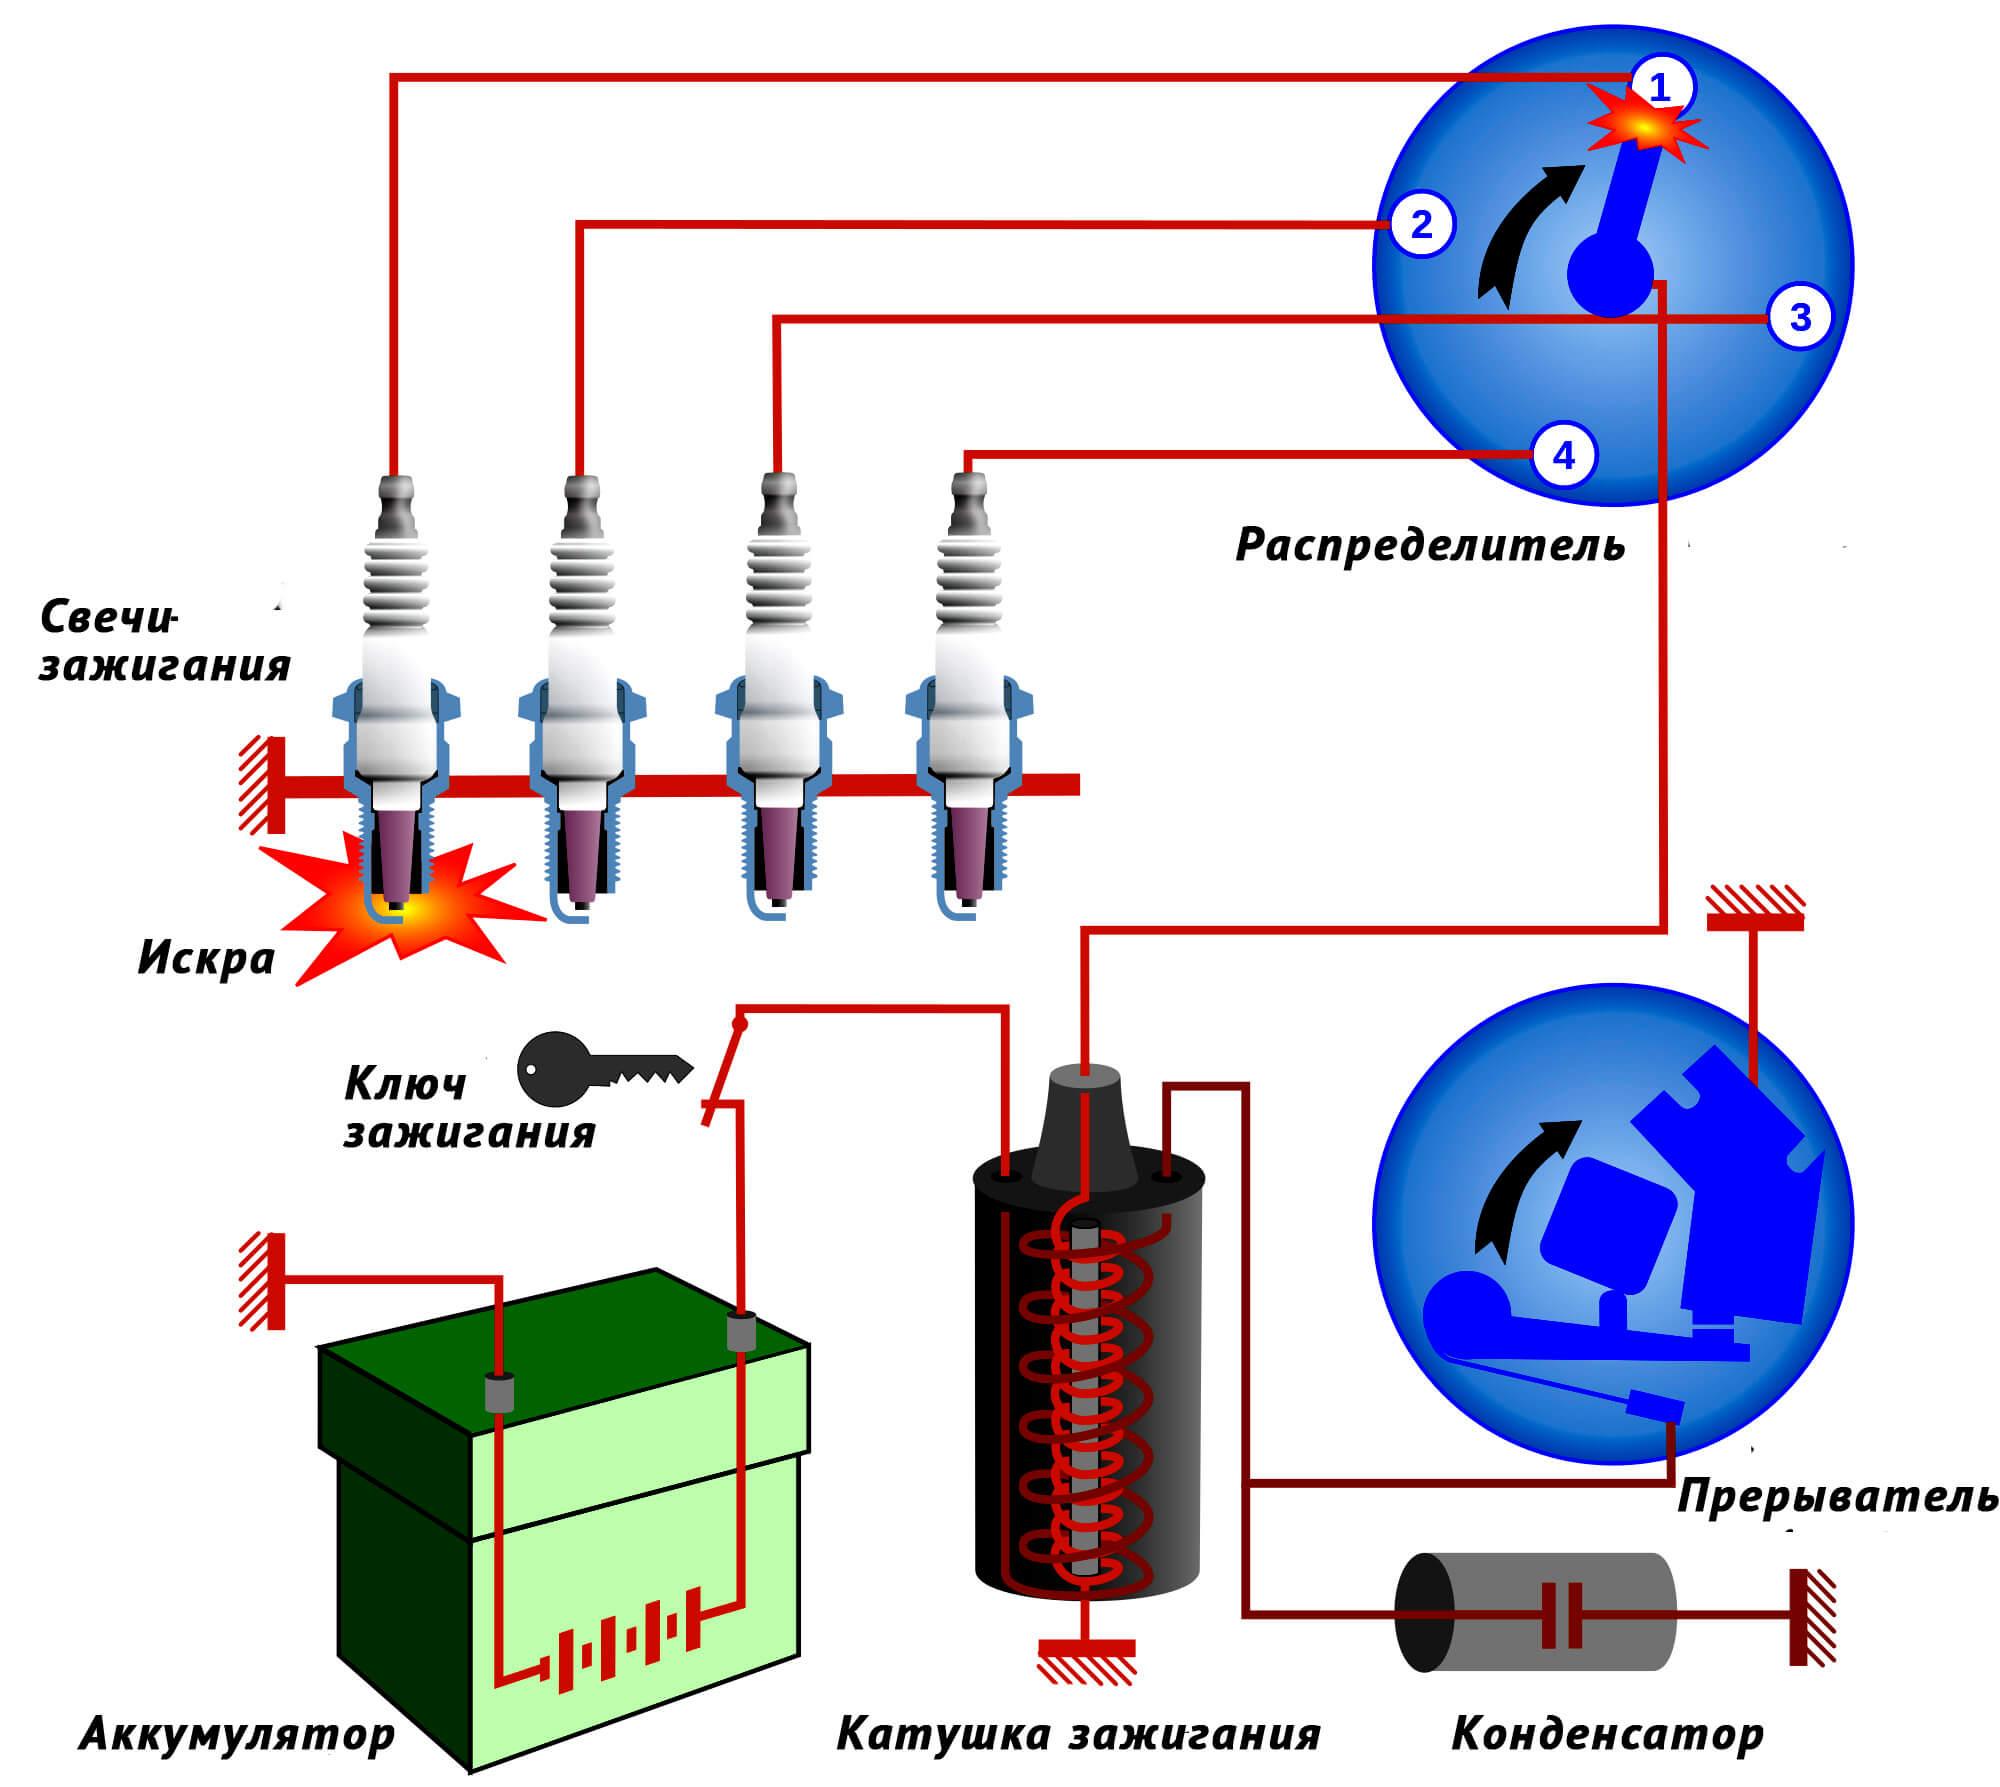 Схема зажигания с автоматическим опережением зажигания